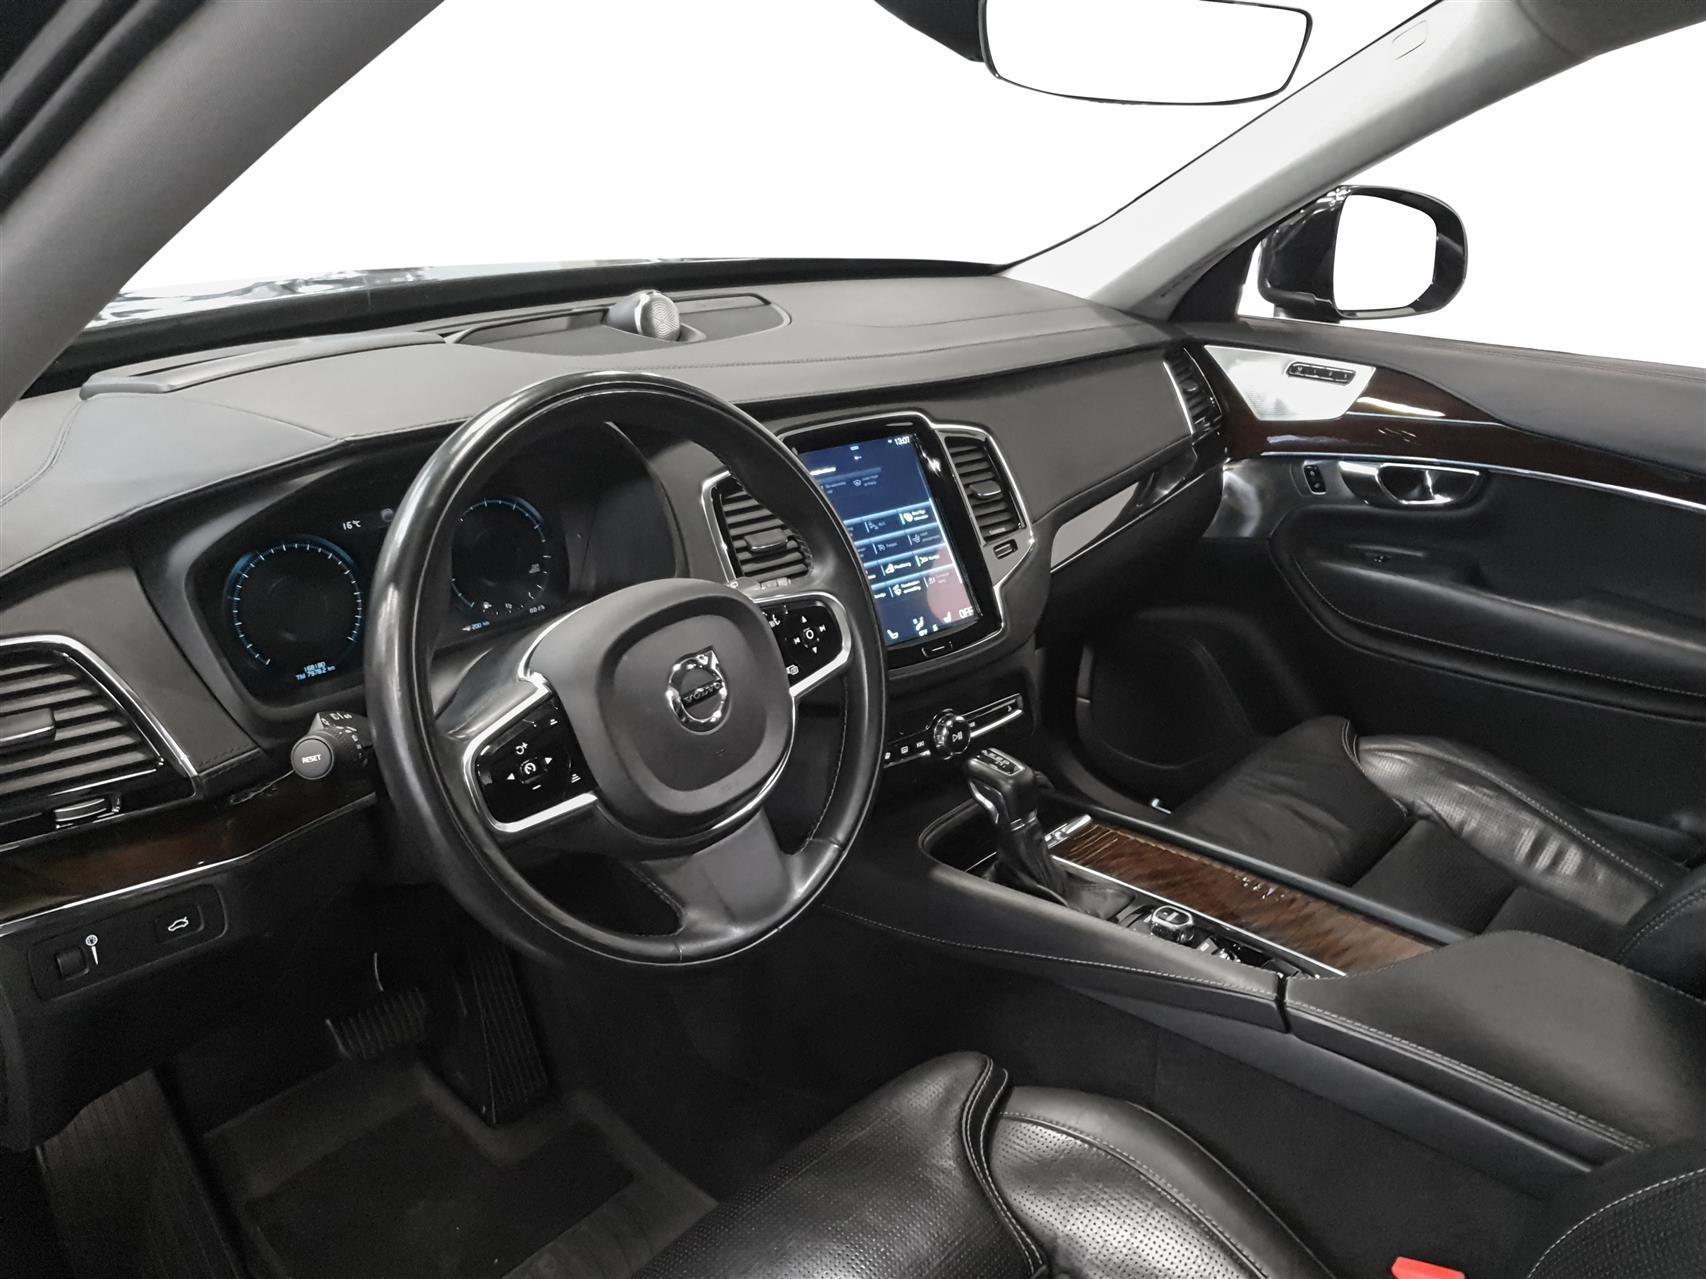 2,0 T6 Inscription AWD 320HK 5d 8g Aut. image13